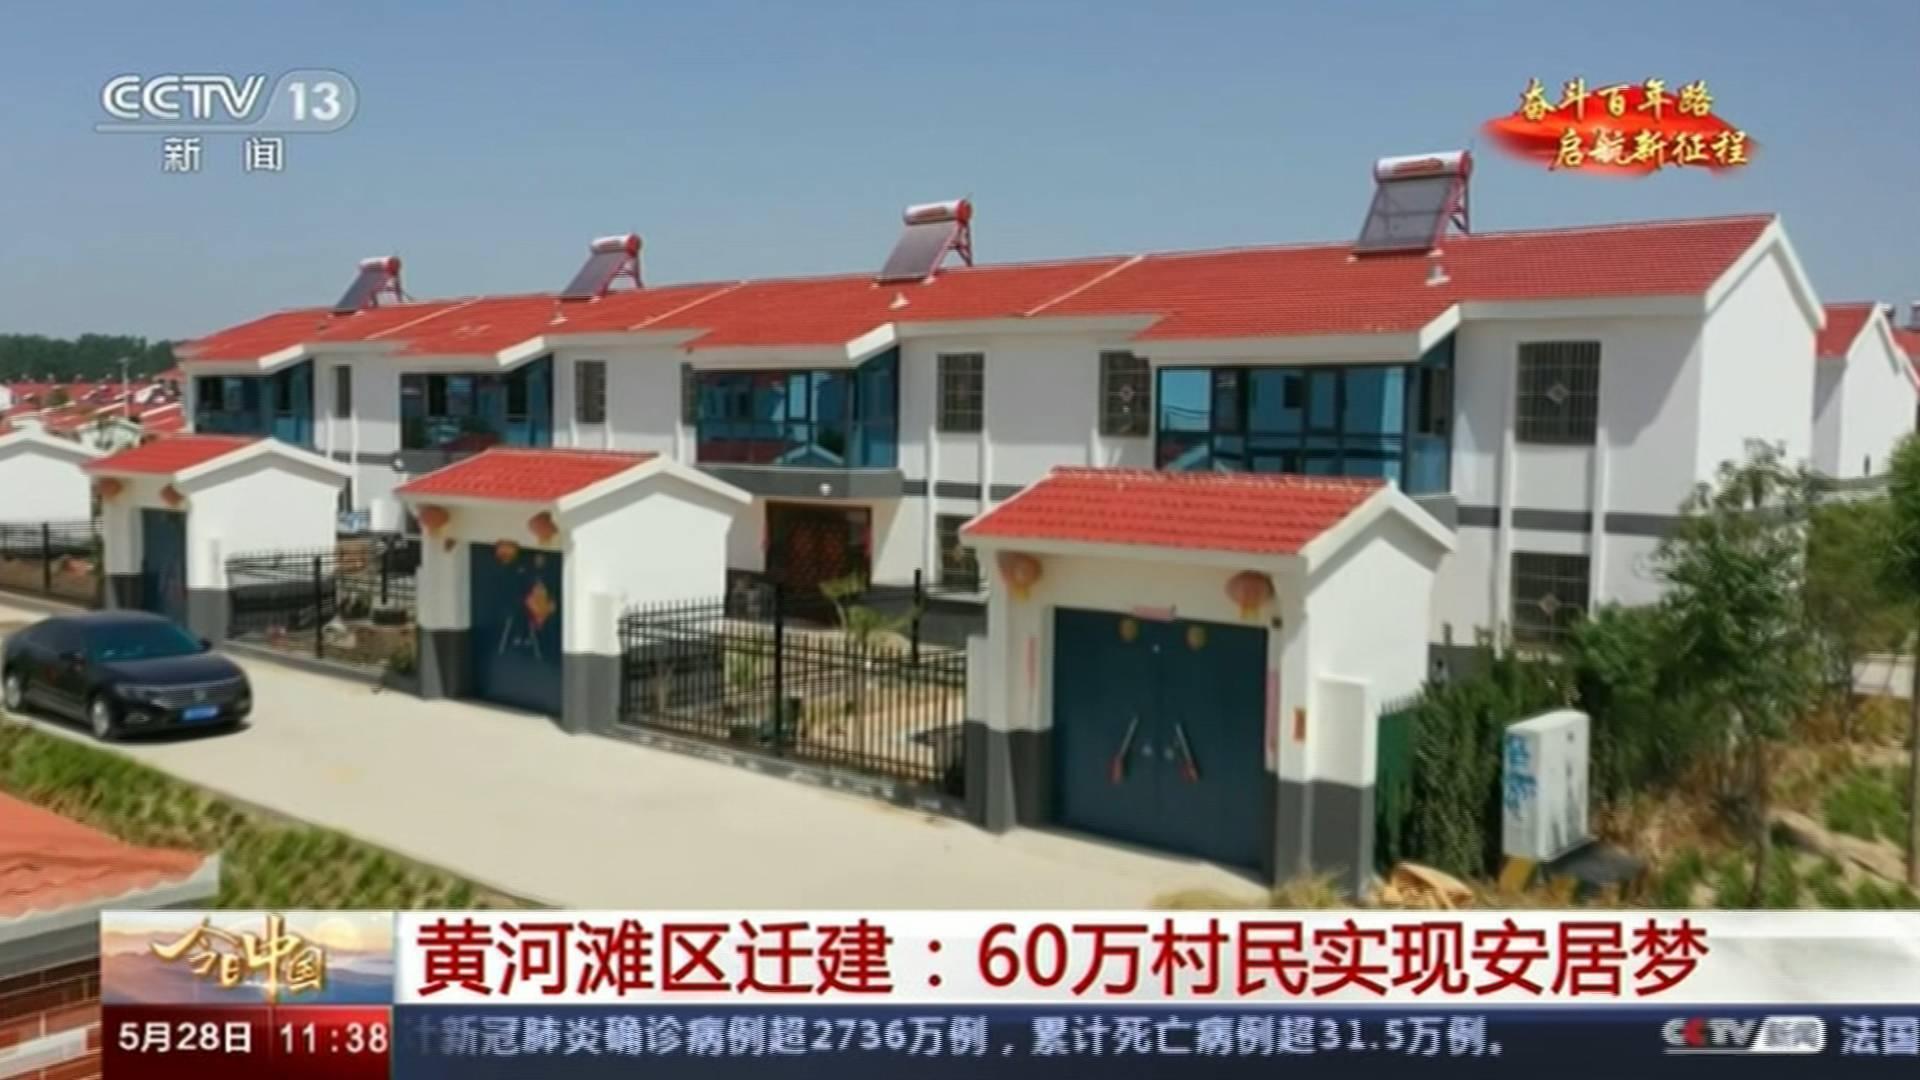 """今日中国·山东篇丨这是一个稳稳的家 60万黄河滩区村民实现""""安居梦"""""""